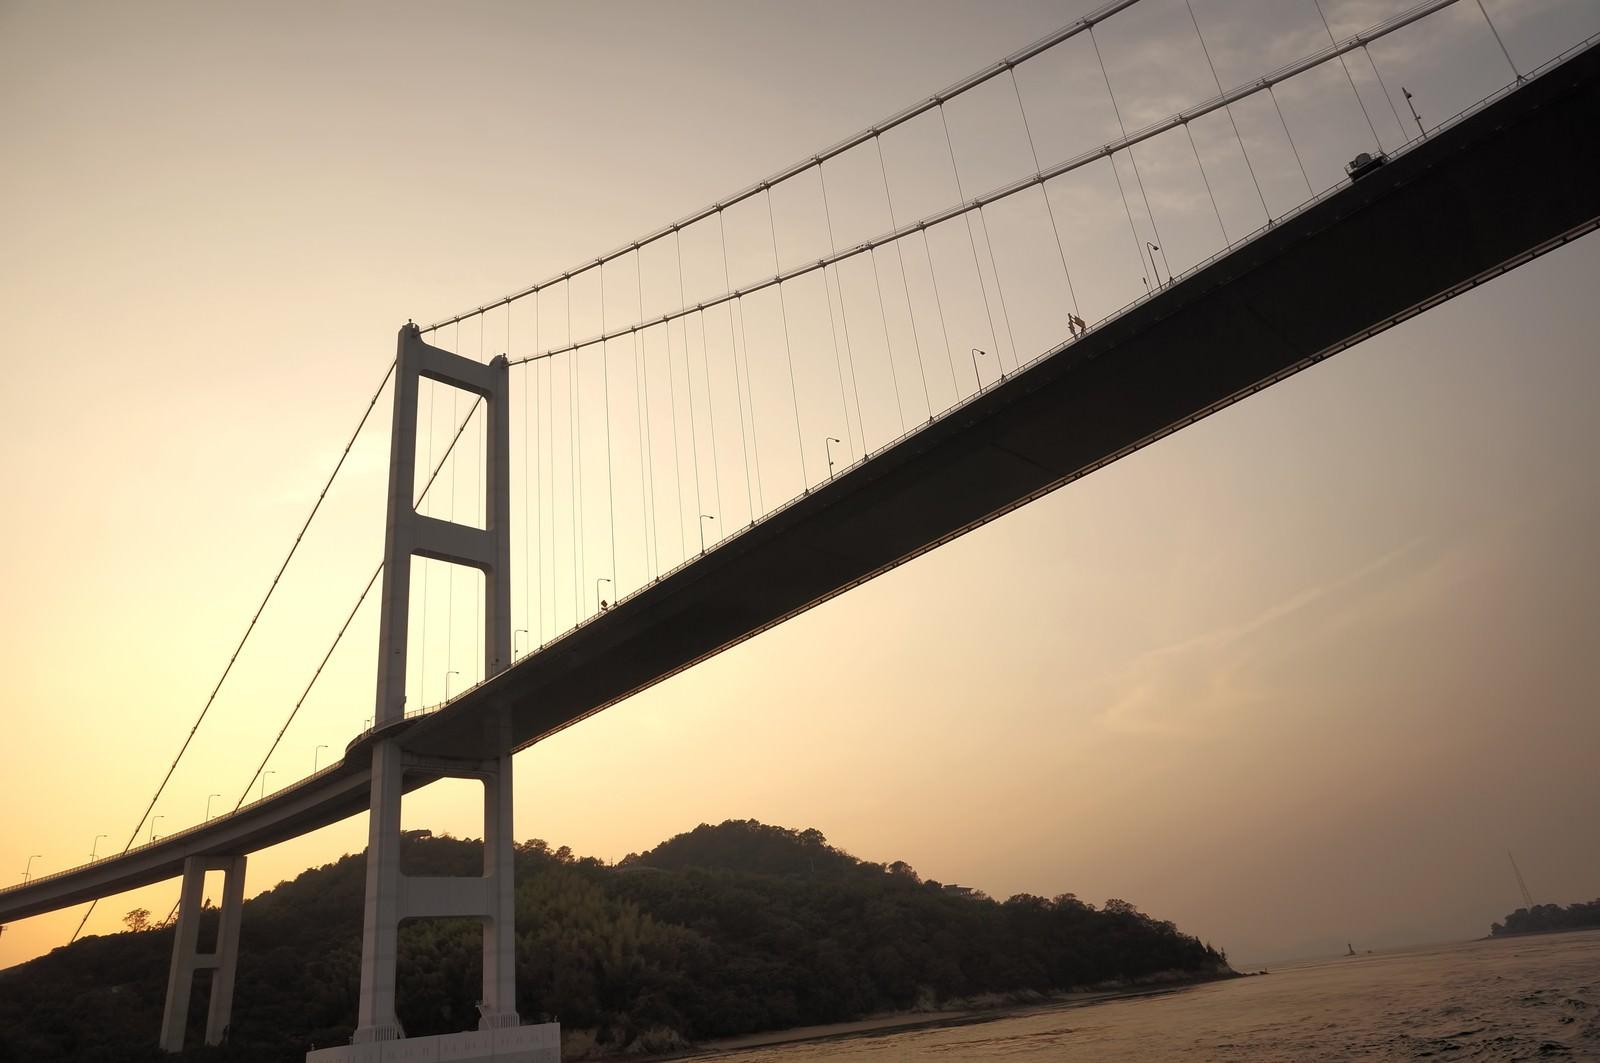 「瀬戸内にかかる吊り橋瀬戸内にかかる吊り橋」のフリー写真素材を拡大